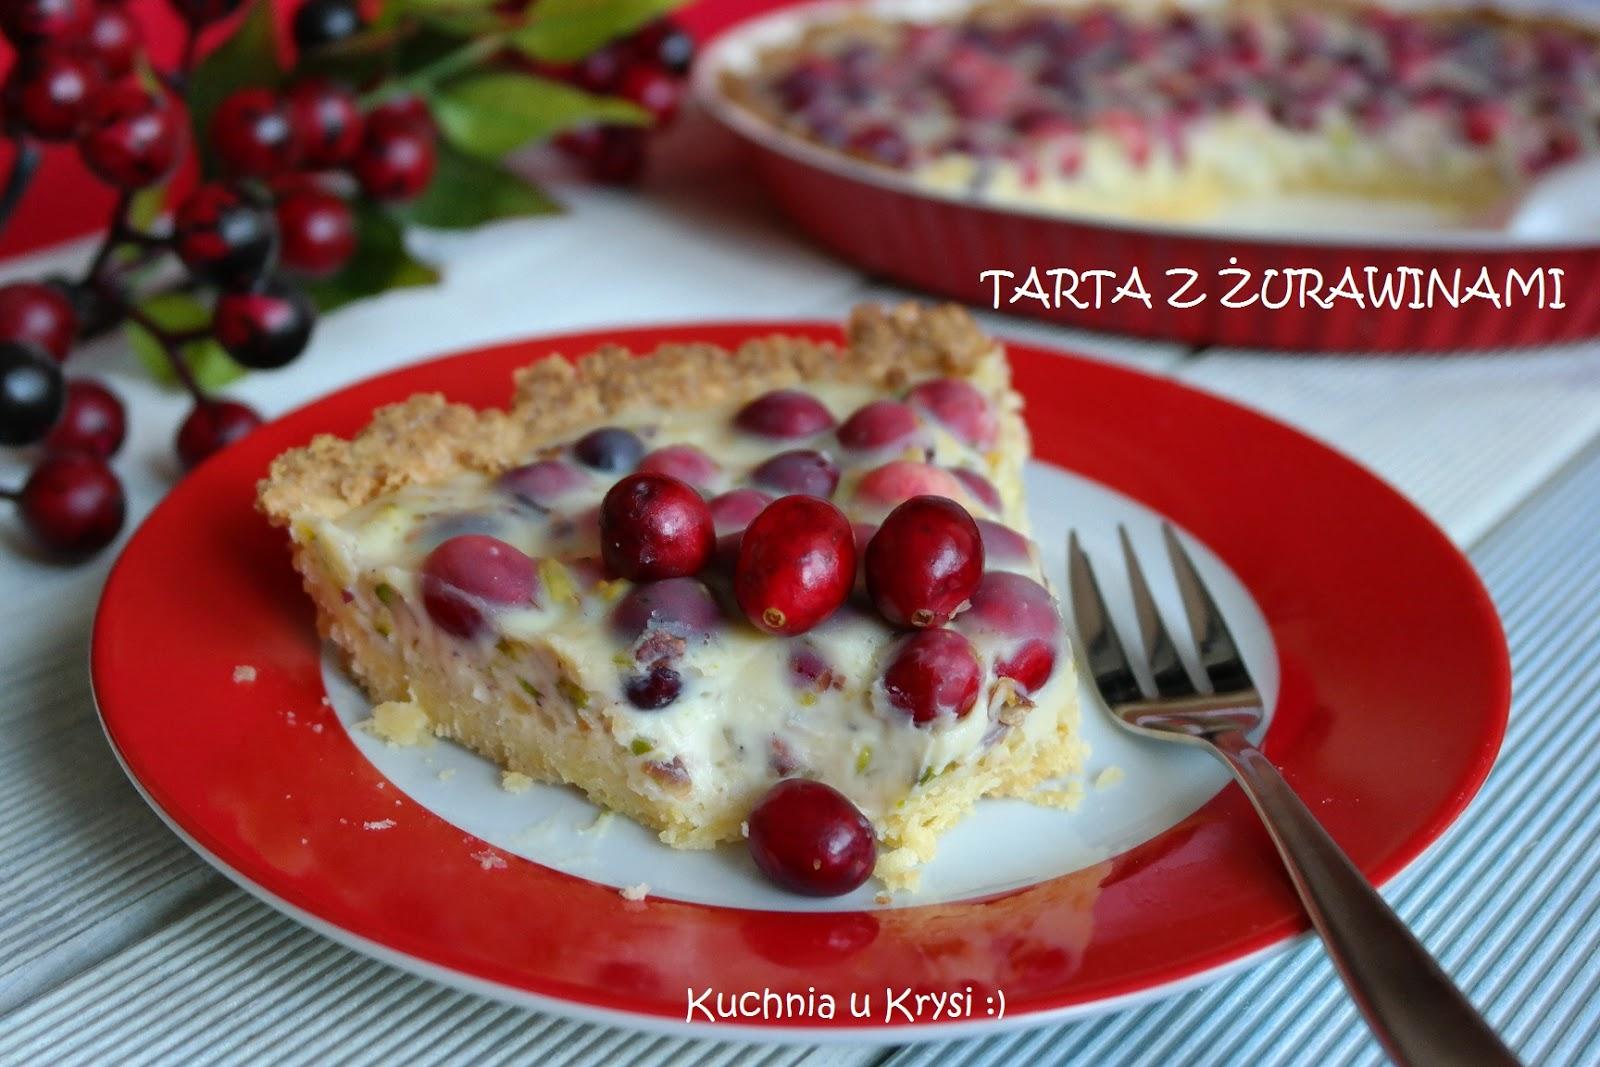 Kuchnia u Krysi  Tarta z żurawinami i białą czekoladą -> Kuchnia Gazowa Eka